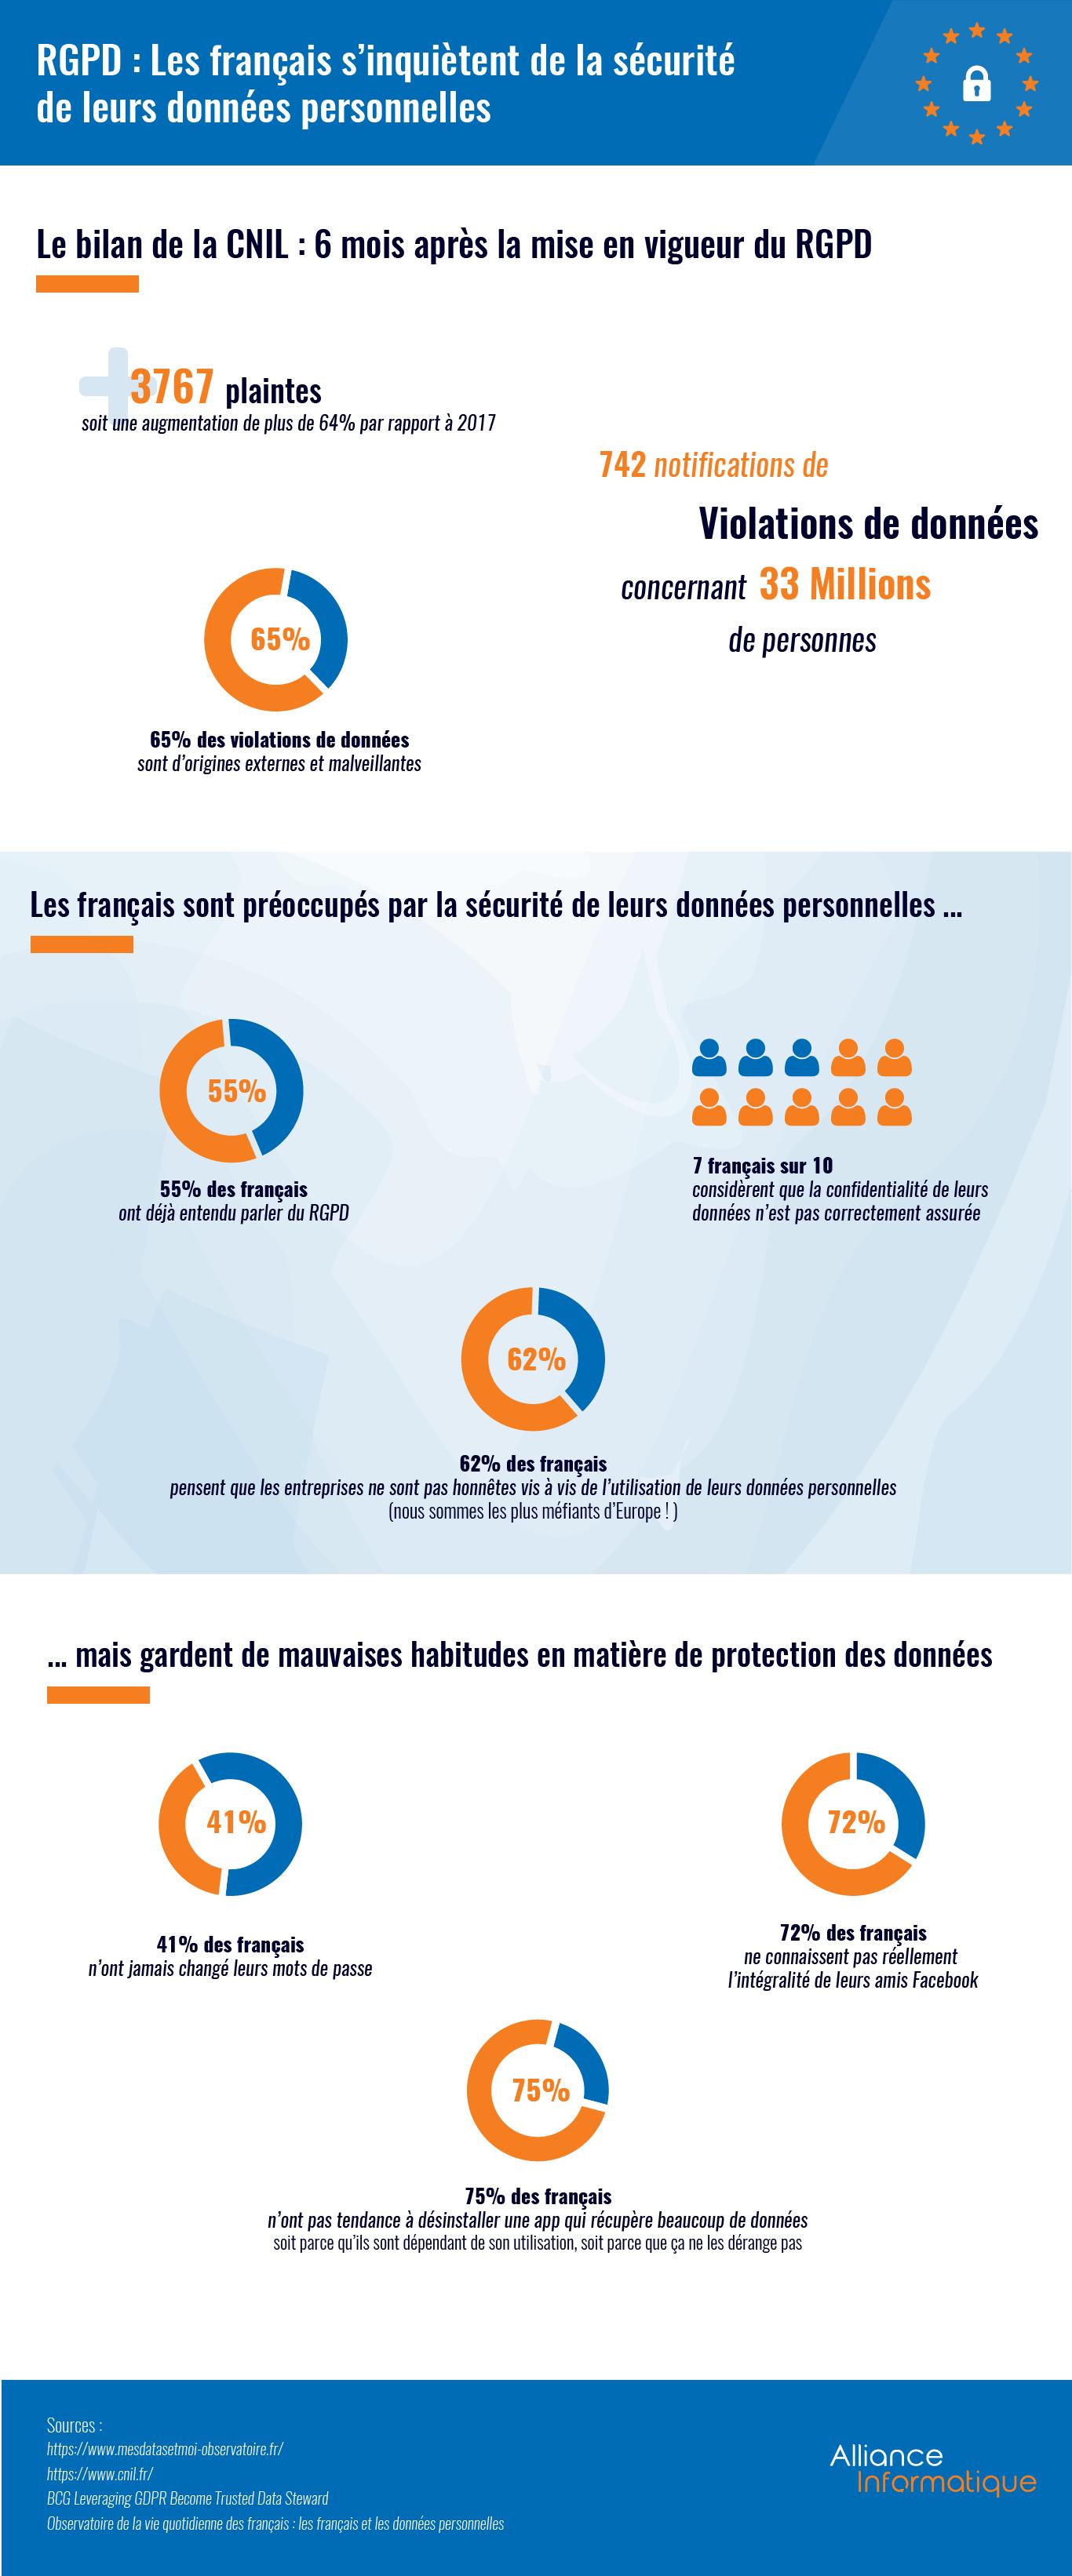 Infographie : Les français s'inquiètent de l'utilisation de leurs données personnelles